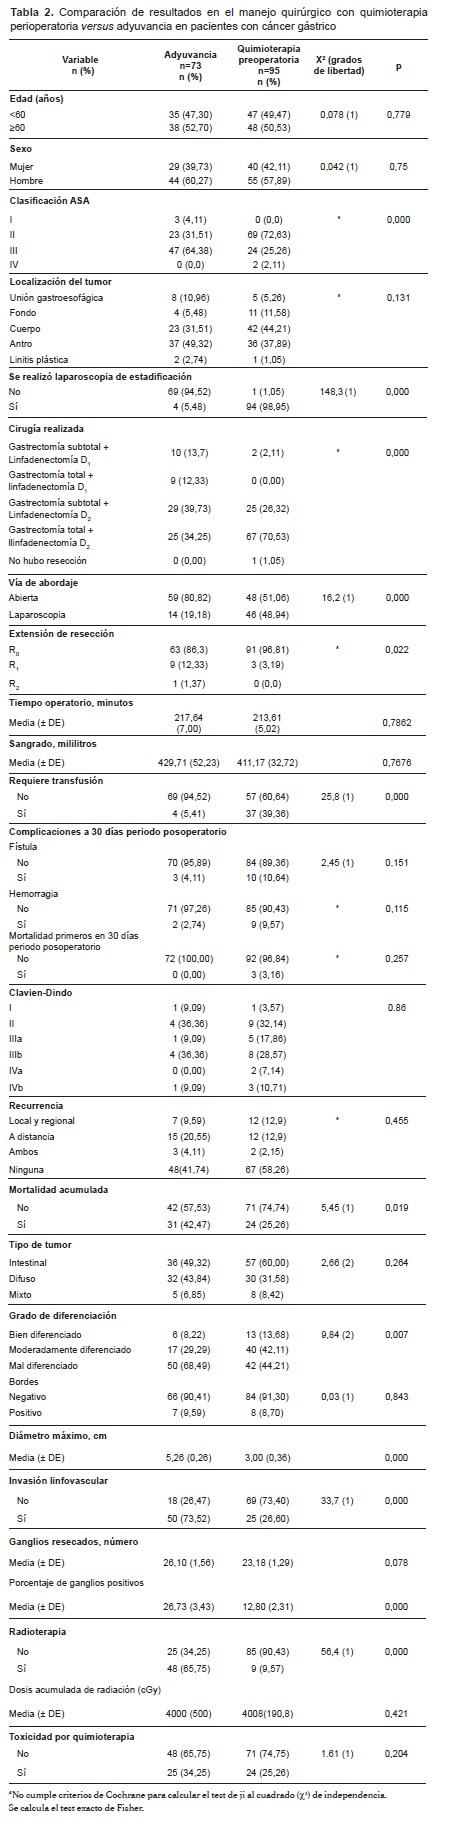 Quimioterapiaperioperatoria versus adyuvancia